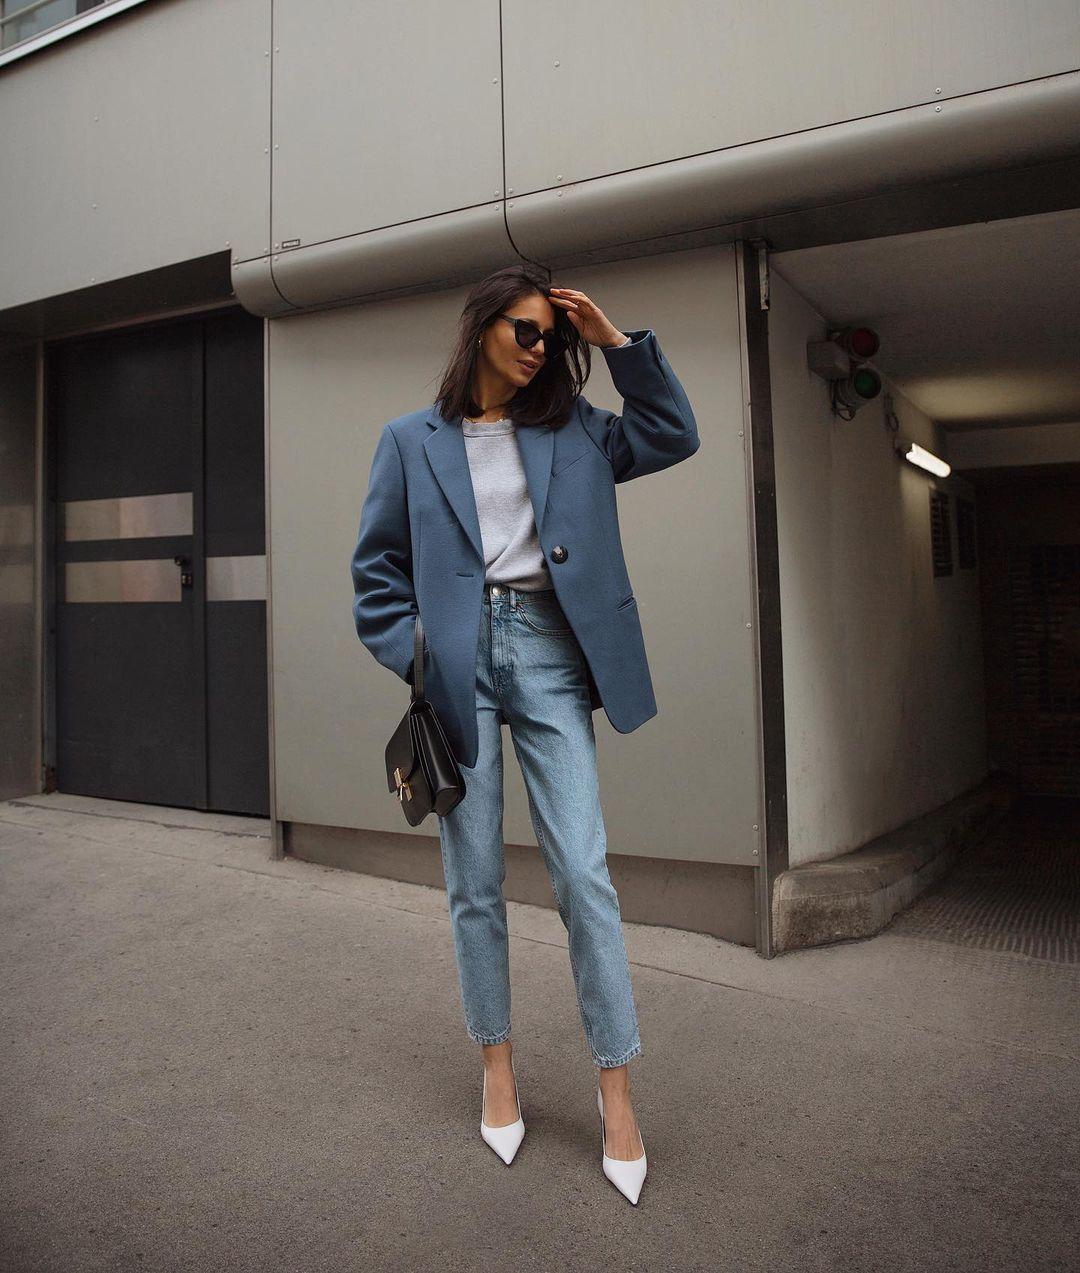 cách phối màu trang phục công sở theo tính chát công việc áo blazer xanh cùng quần jeans